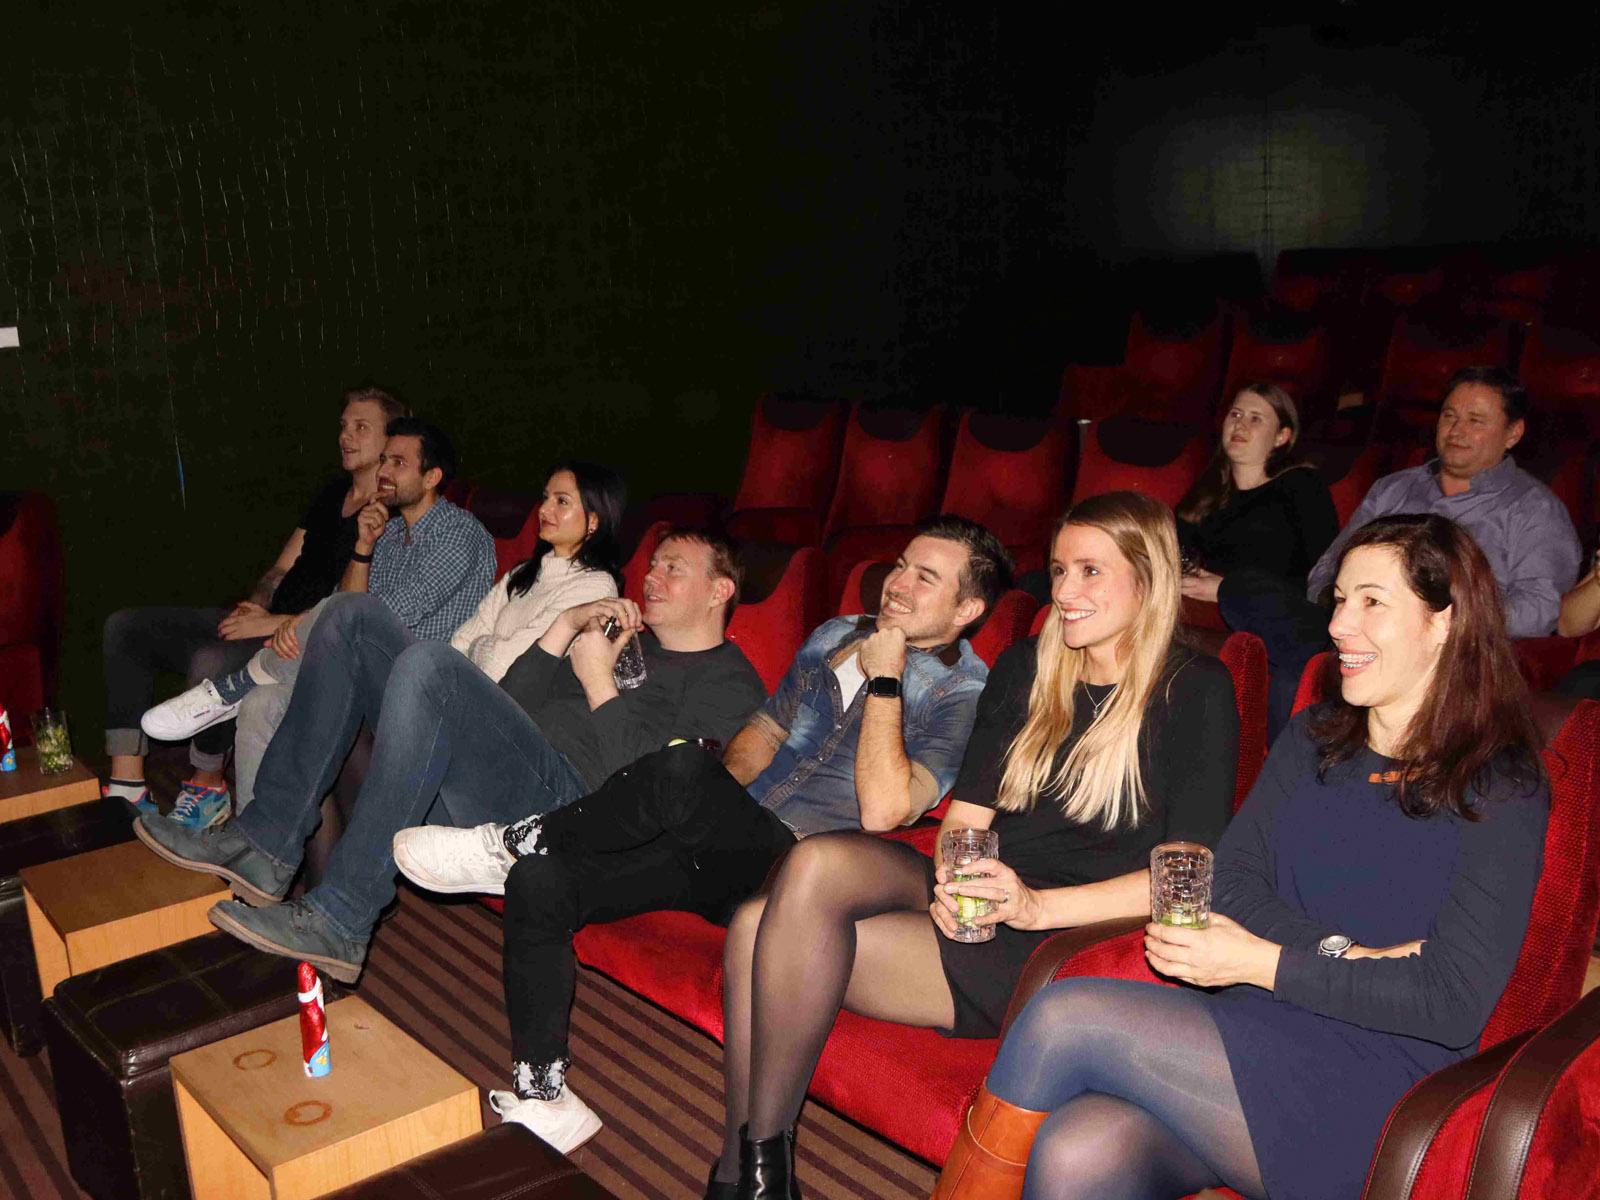 Aufnahme Kinosaal von vorne